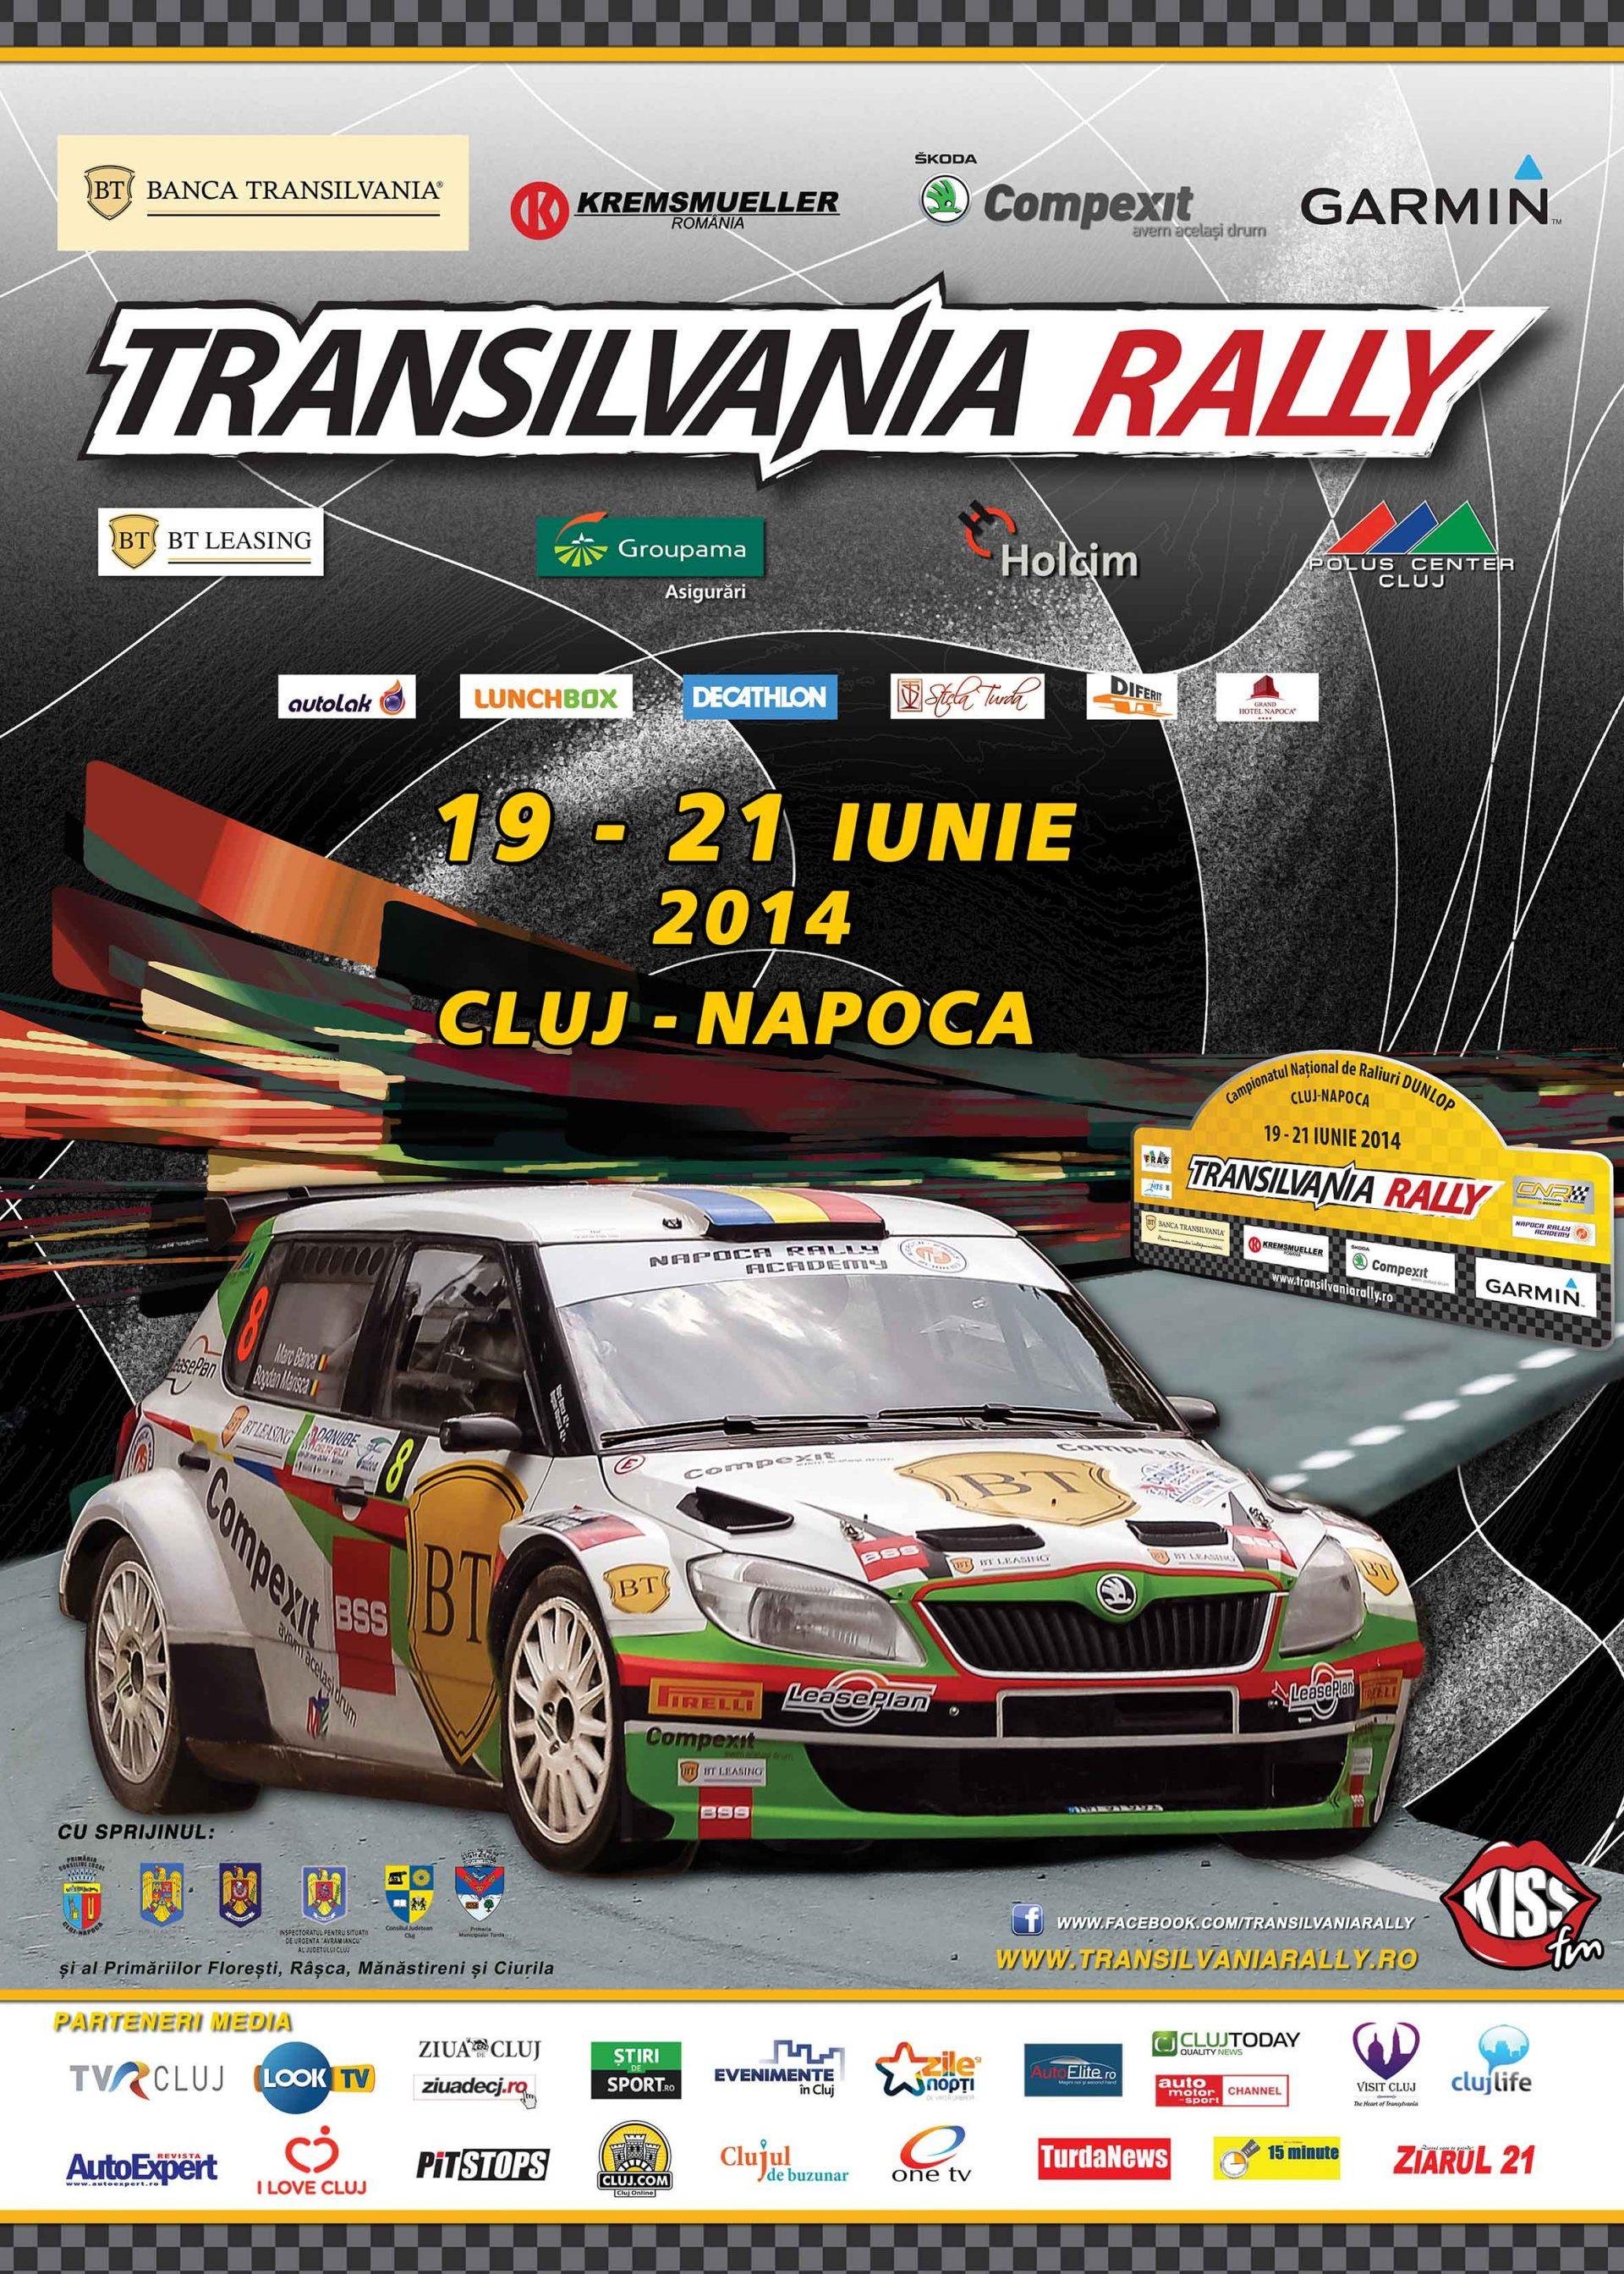 48 de echipaje pe lista de start pentru Transilvania Rally